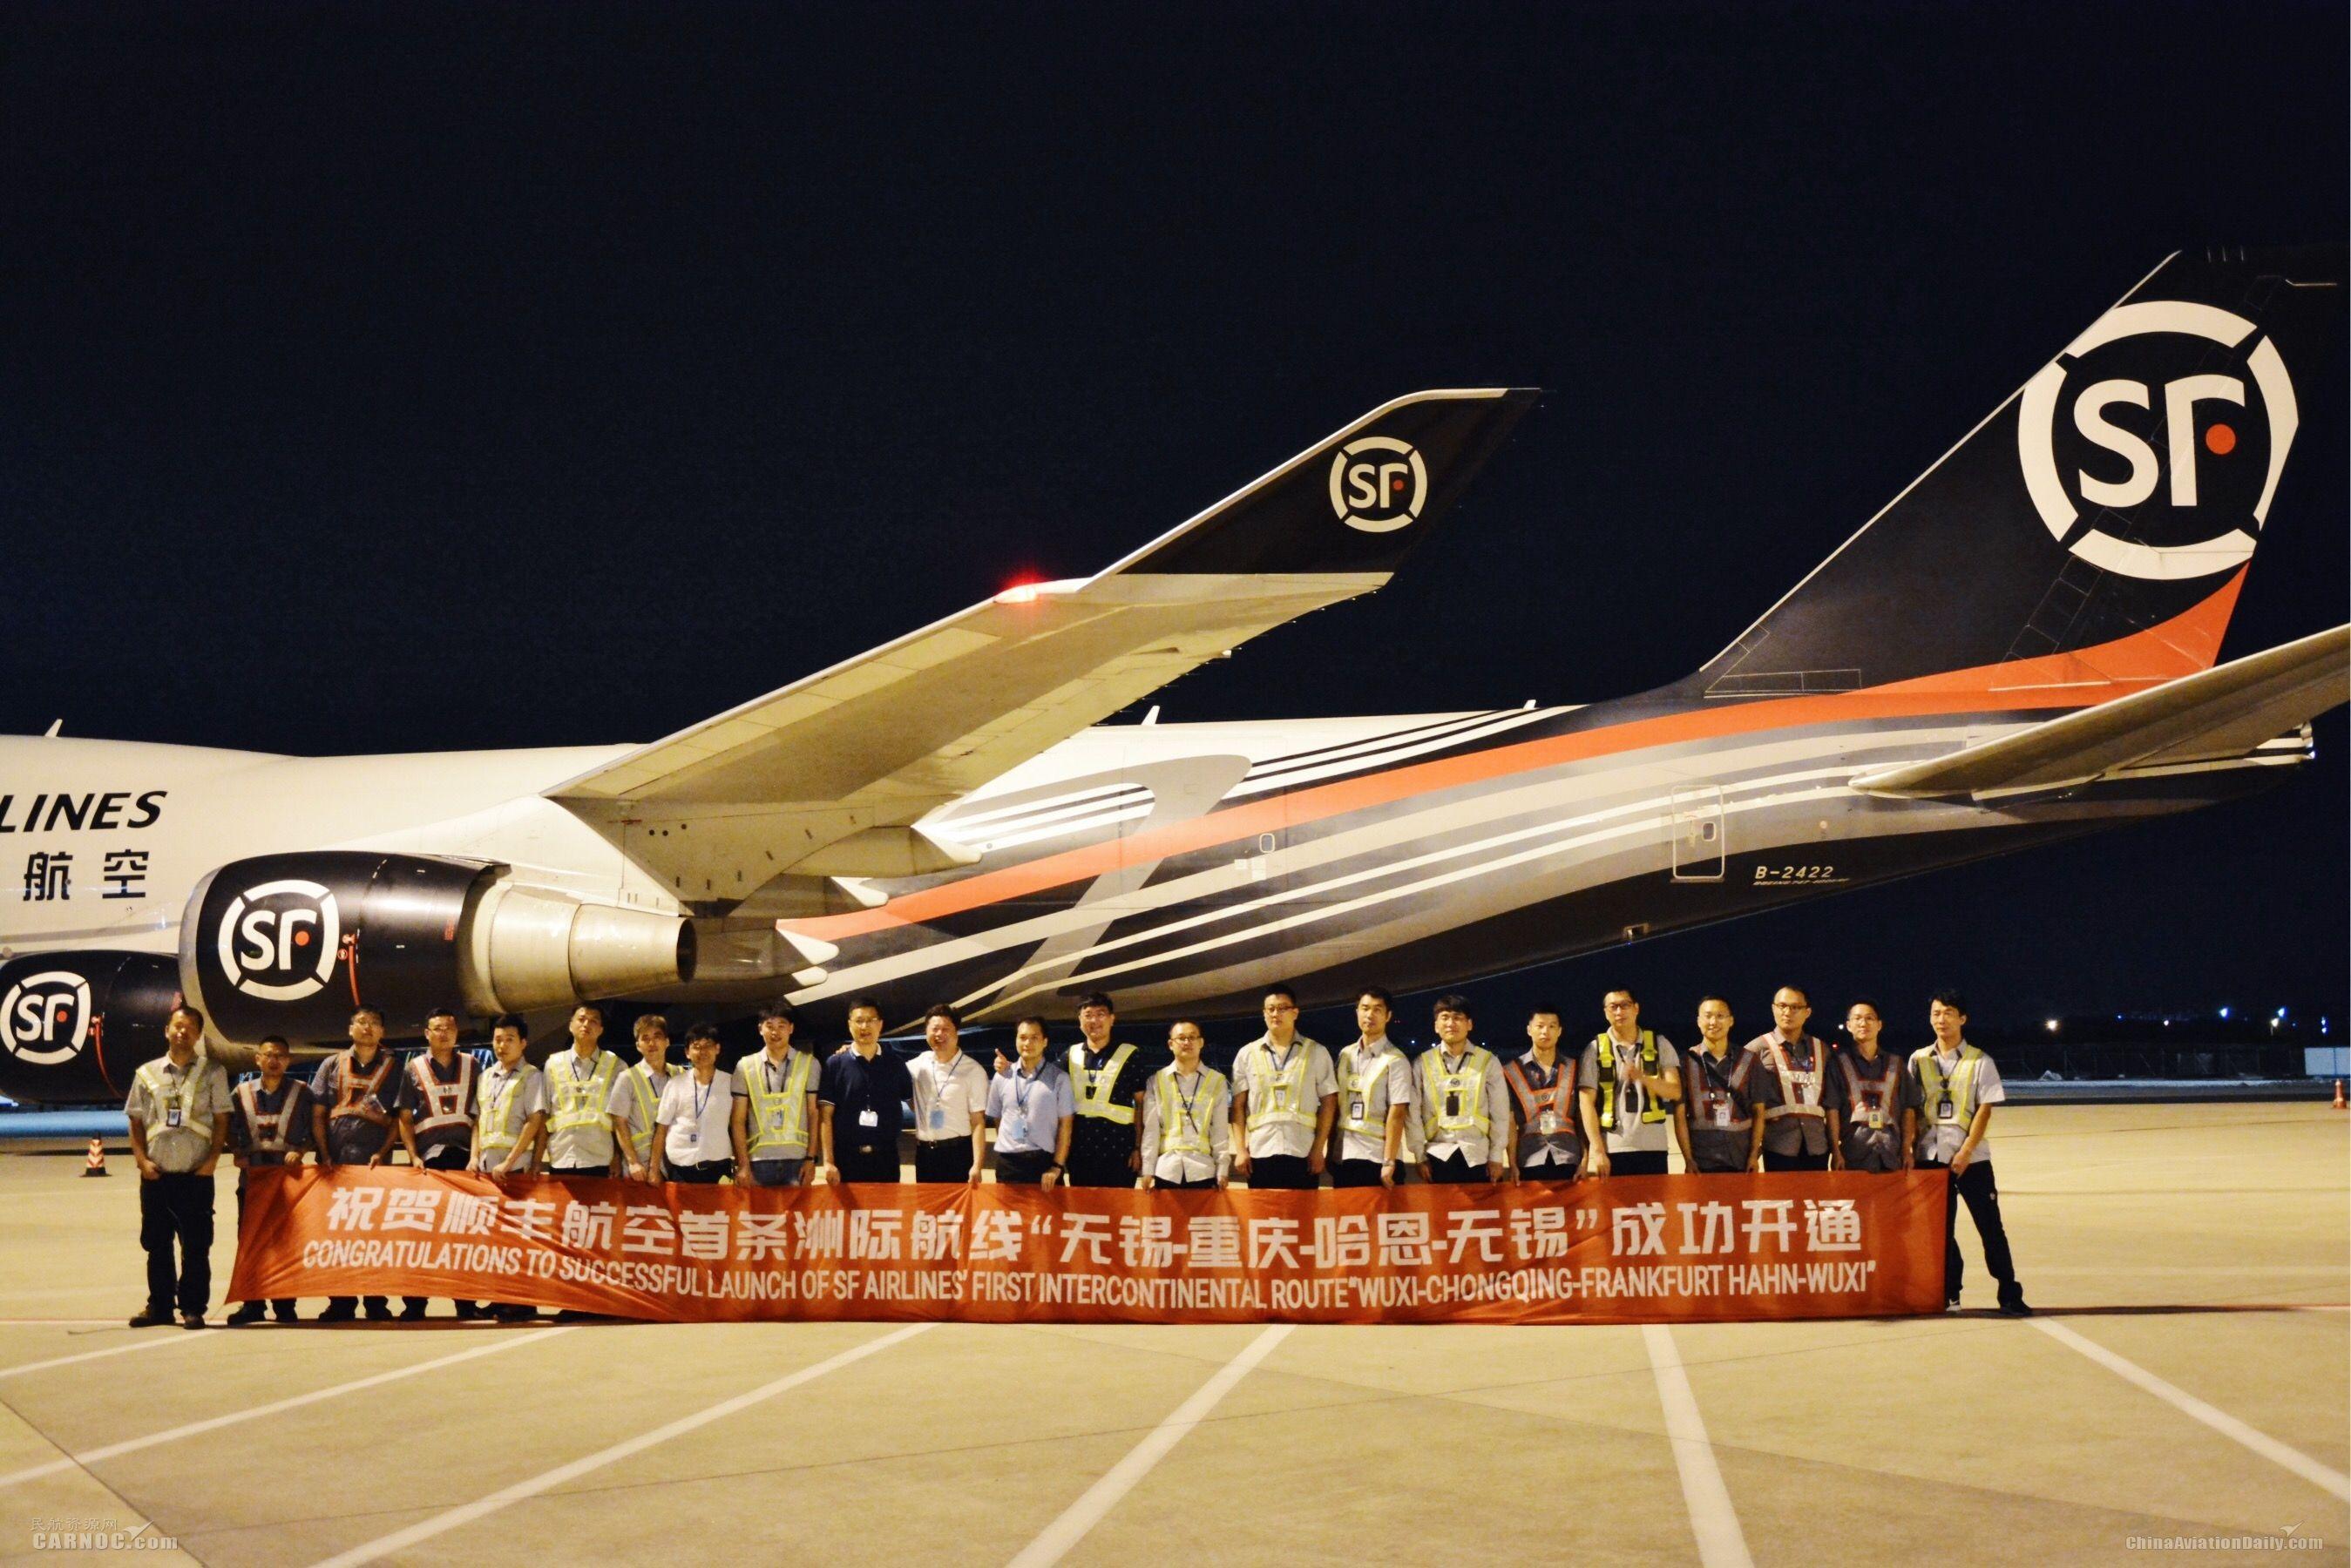 首飞欧洲 顺丰航空首条洲际货运航线正式开通